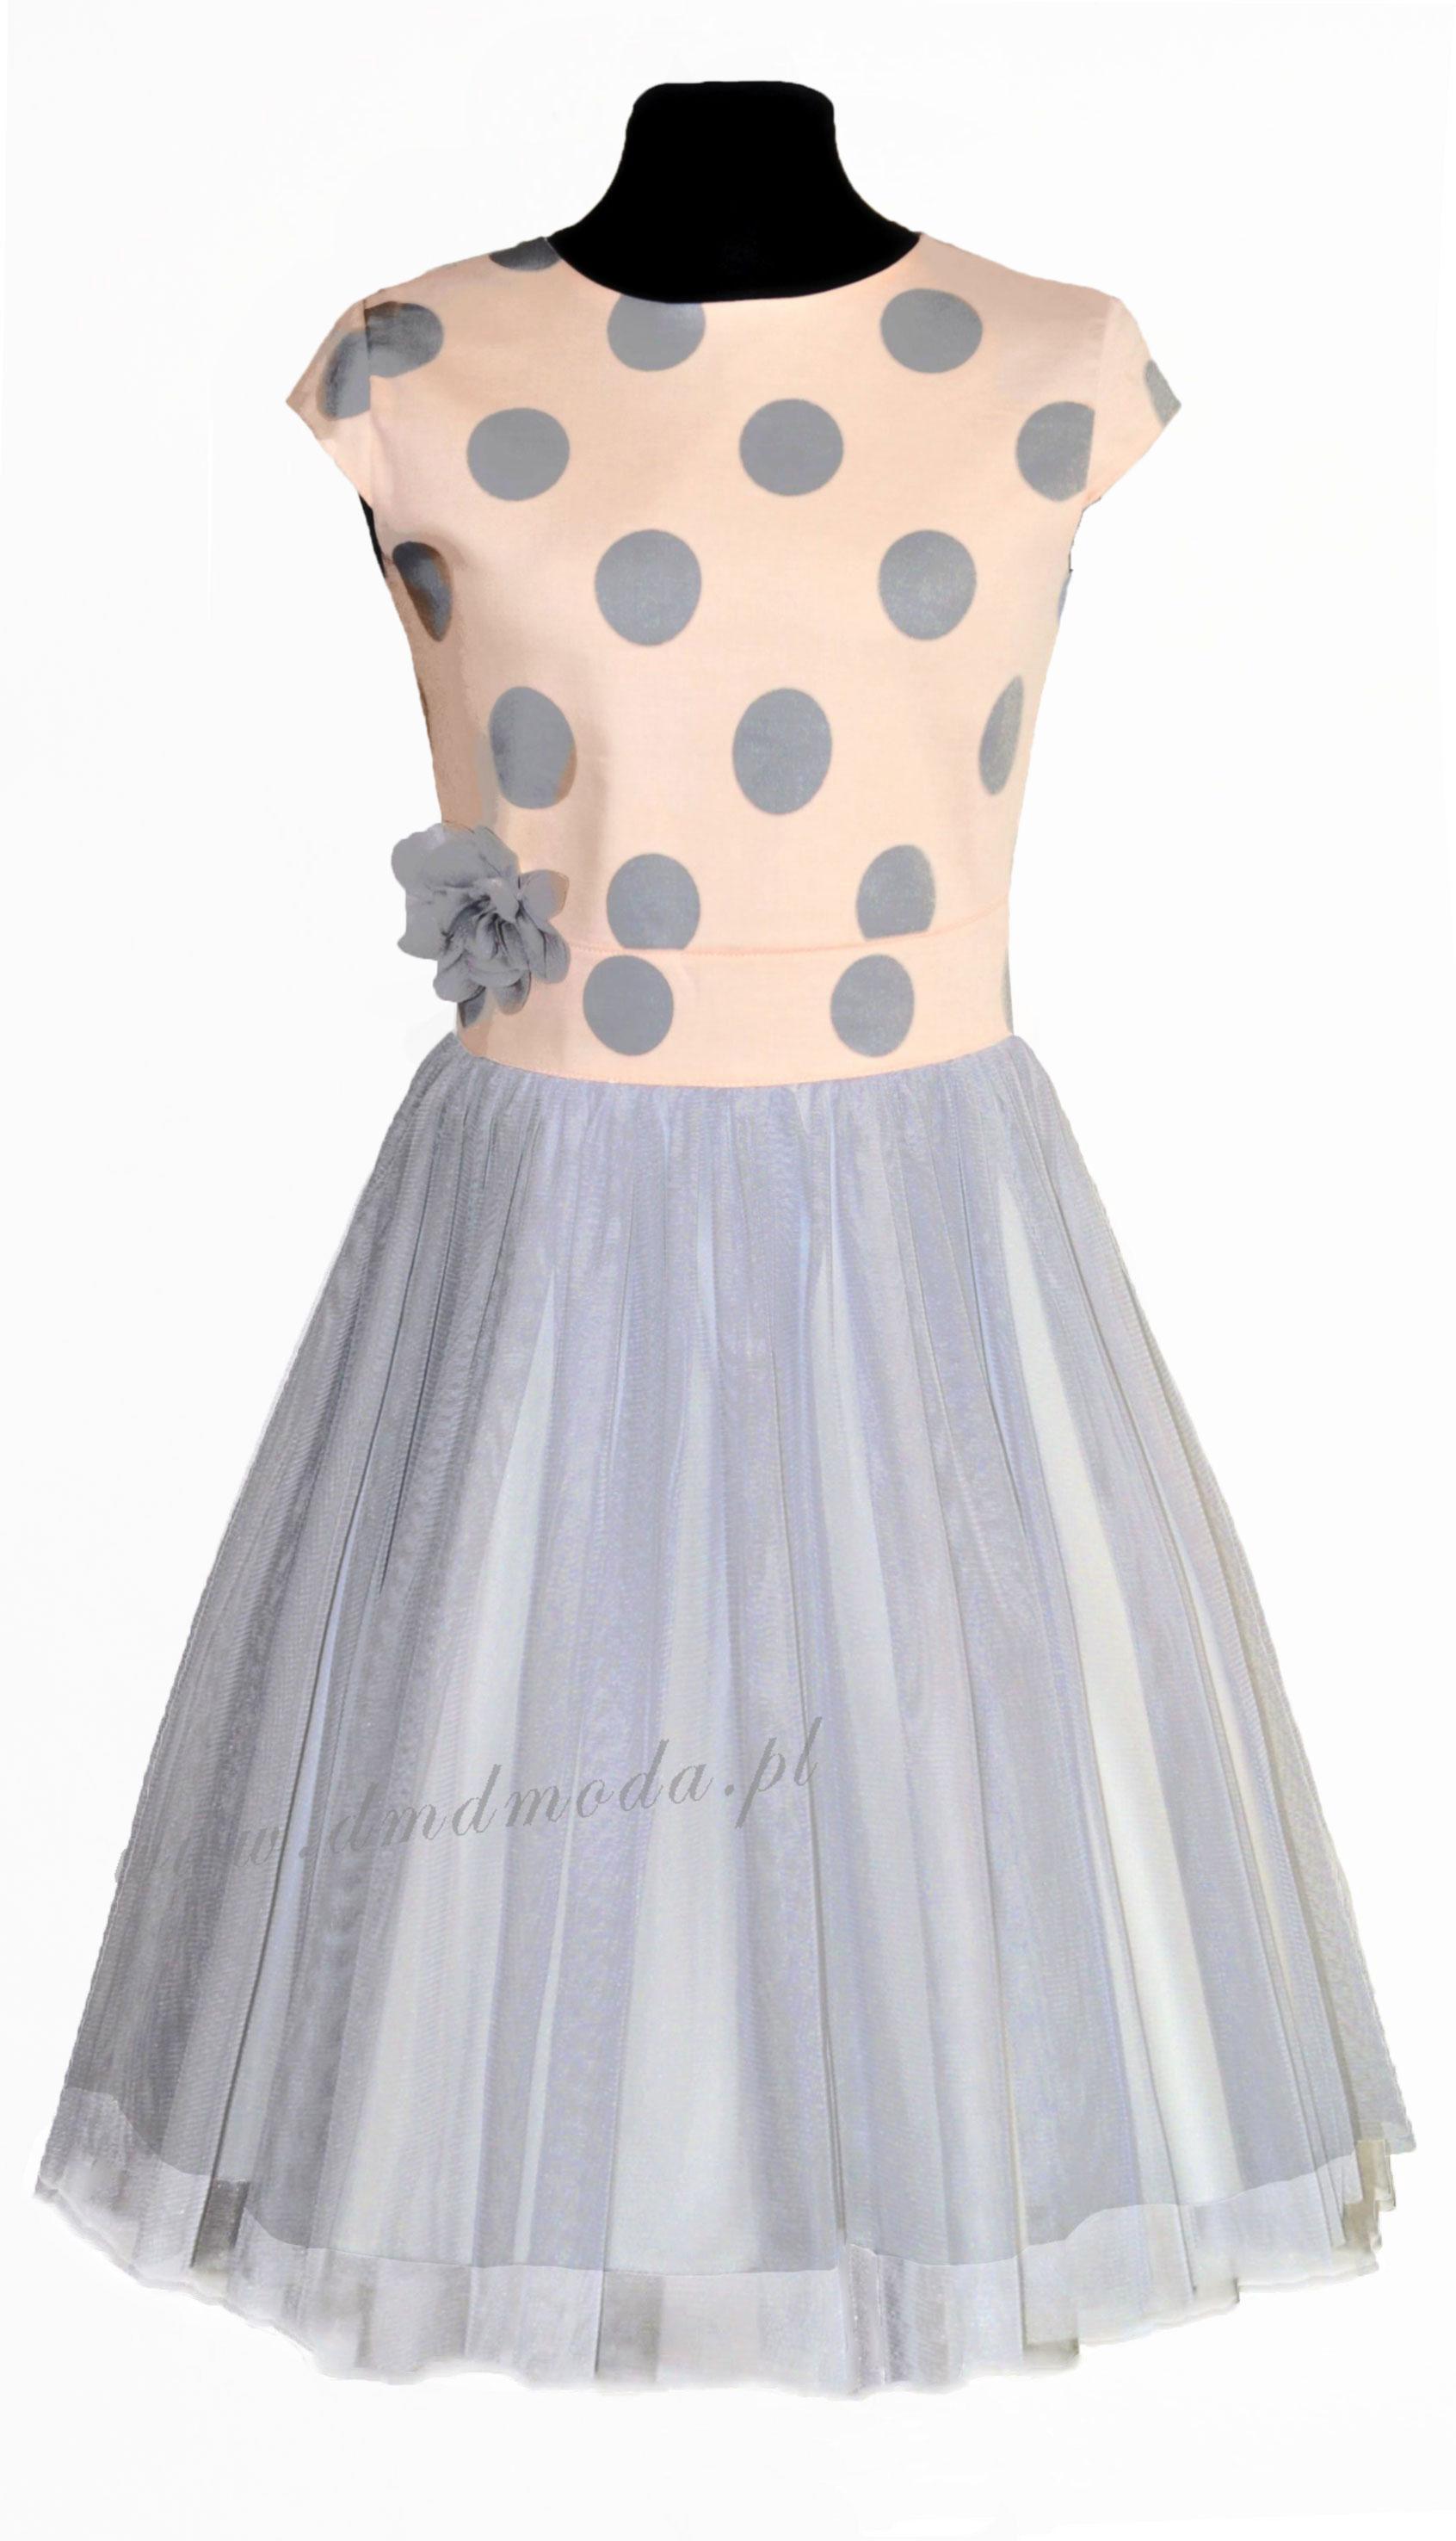 sukienka dla dziewczynki w grochy